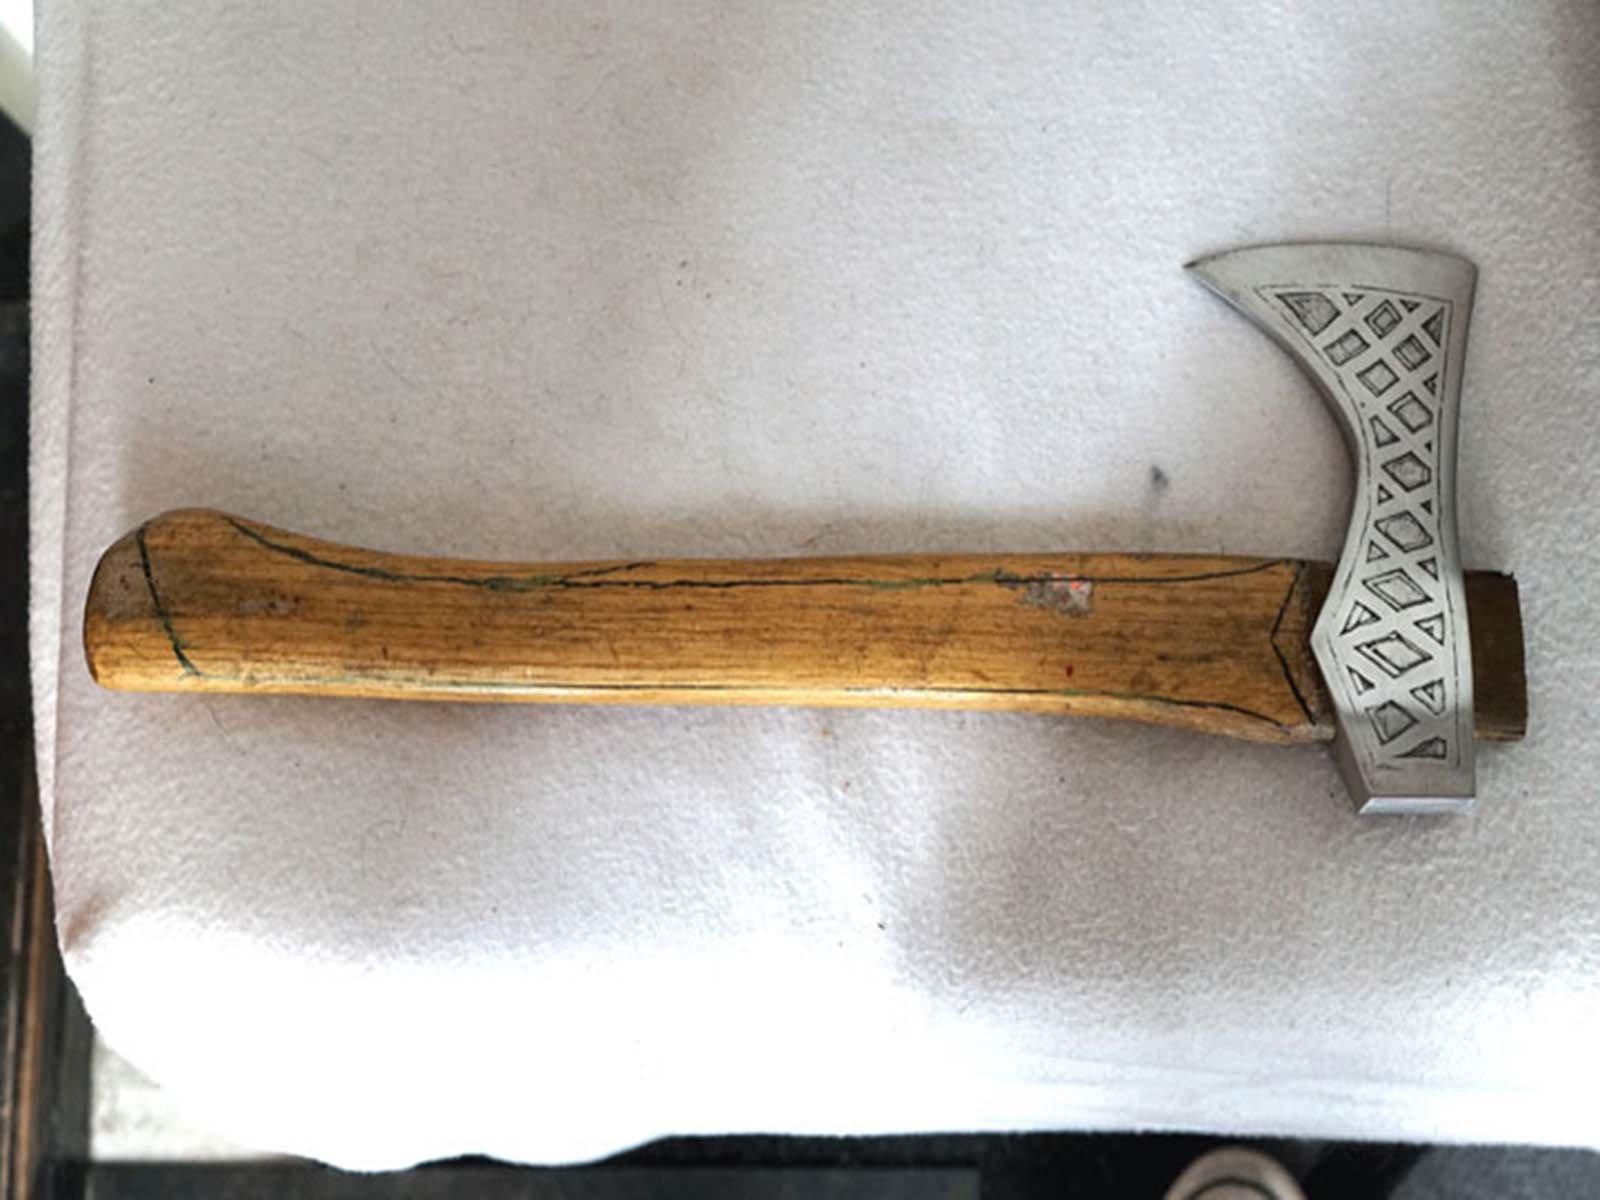 Так выглядит обычная рукоять обычного топора викинга